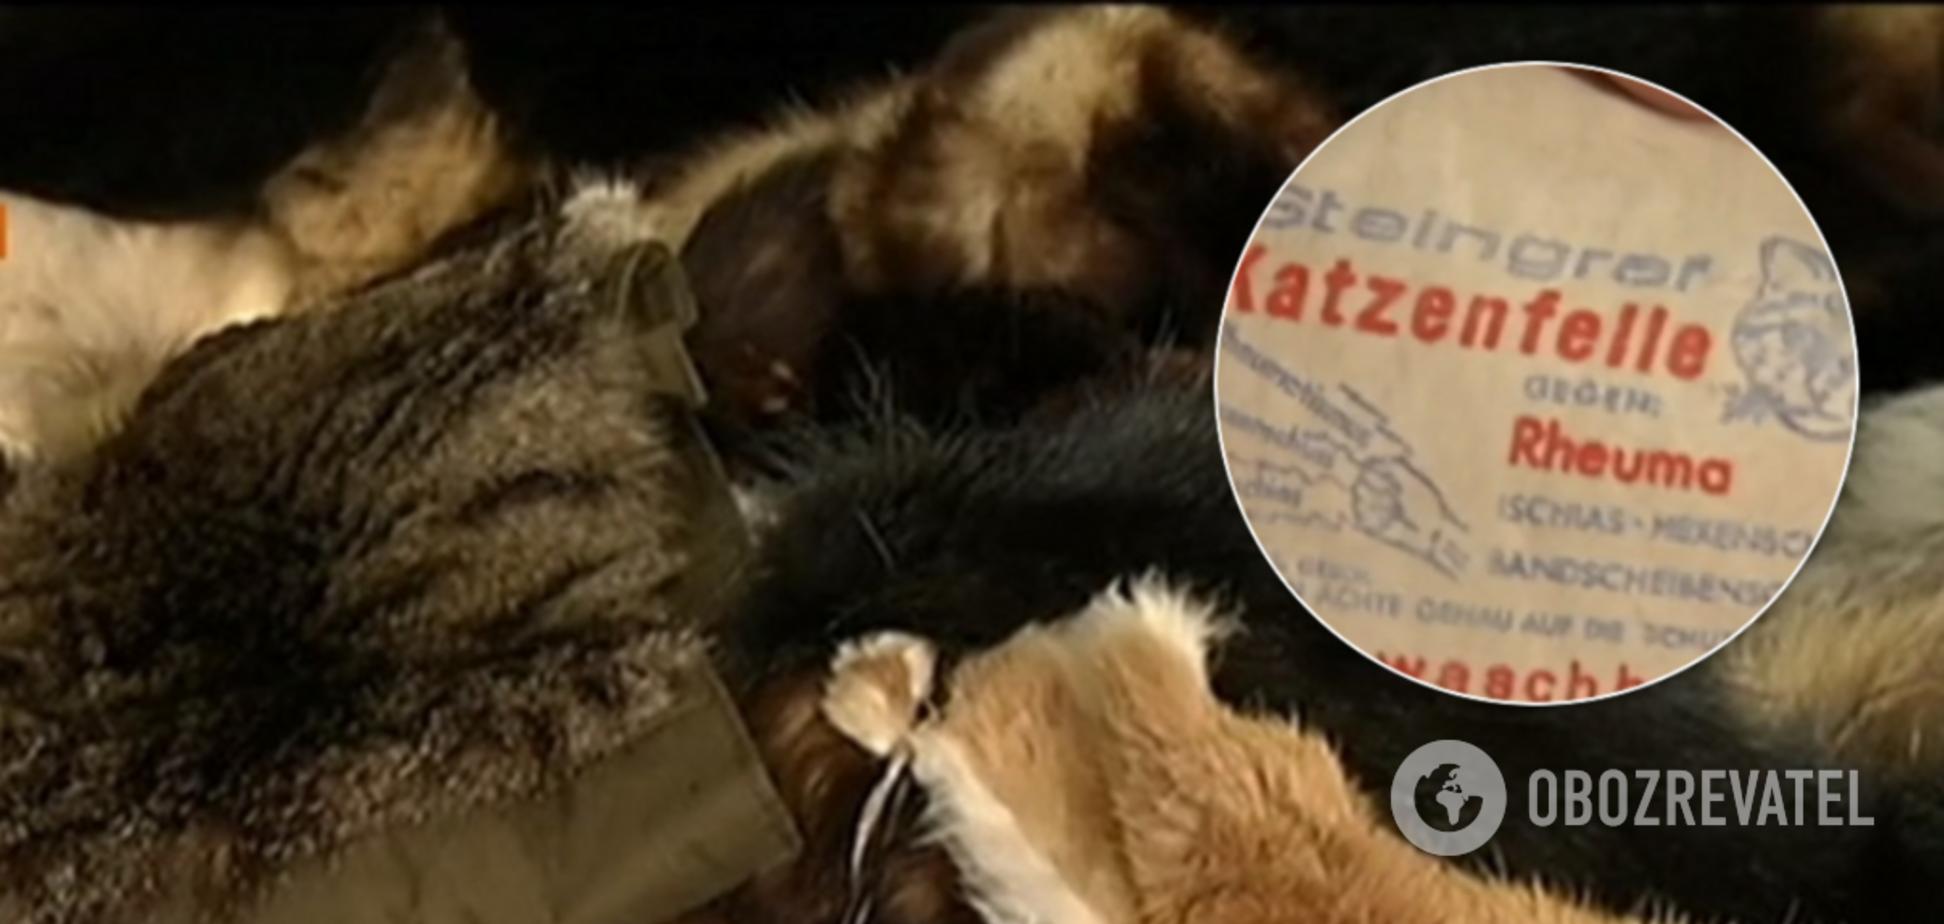 В Киеве нашли в продаже вещи из шкурок котов